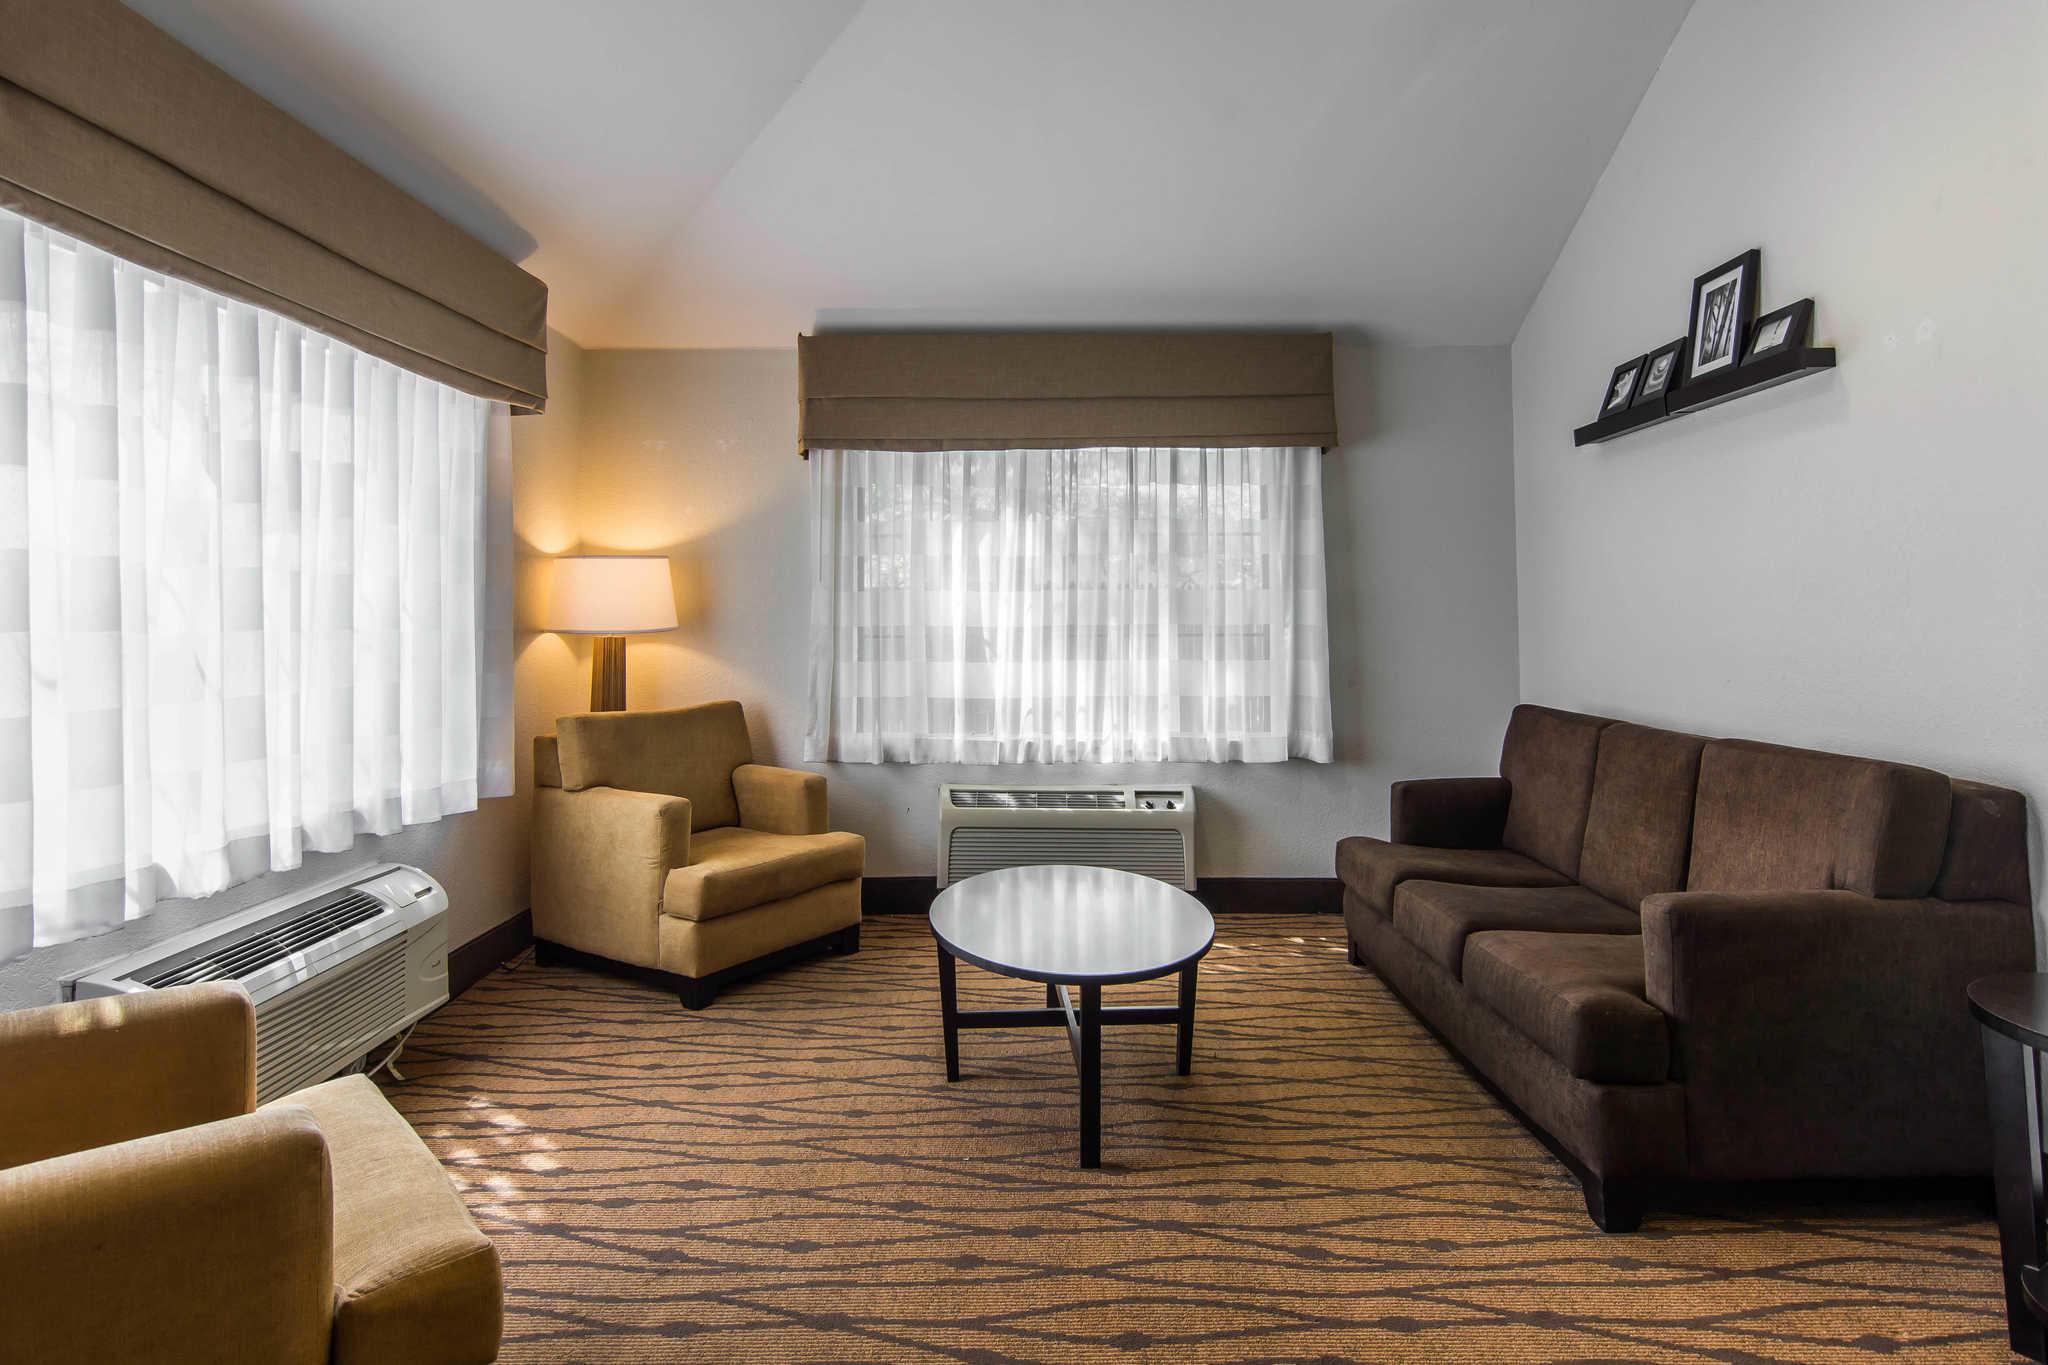 Sleep Inn & Suites Chesapeake - Portsmouth image 7